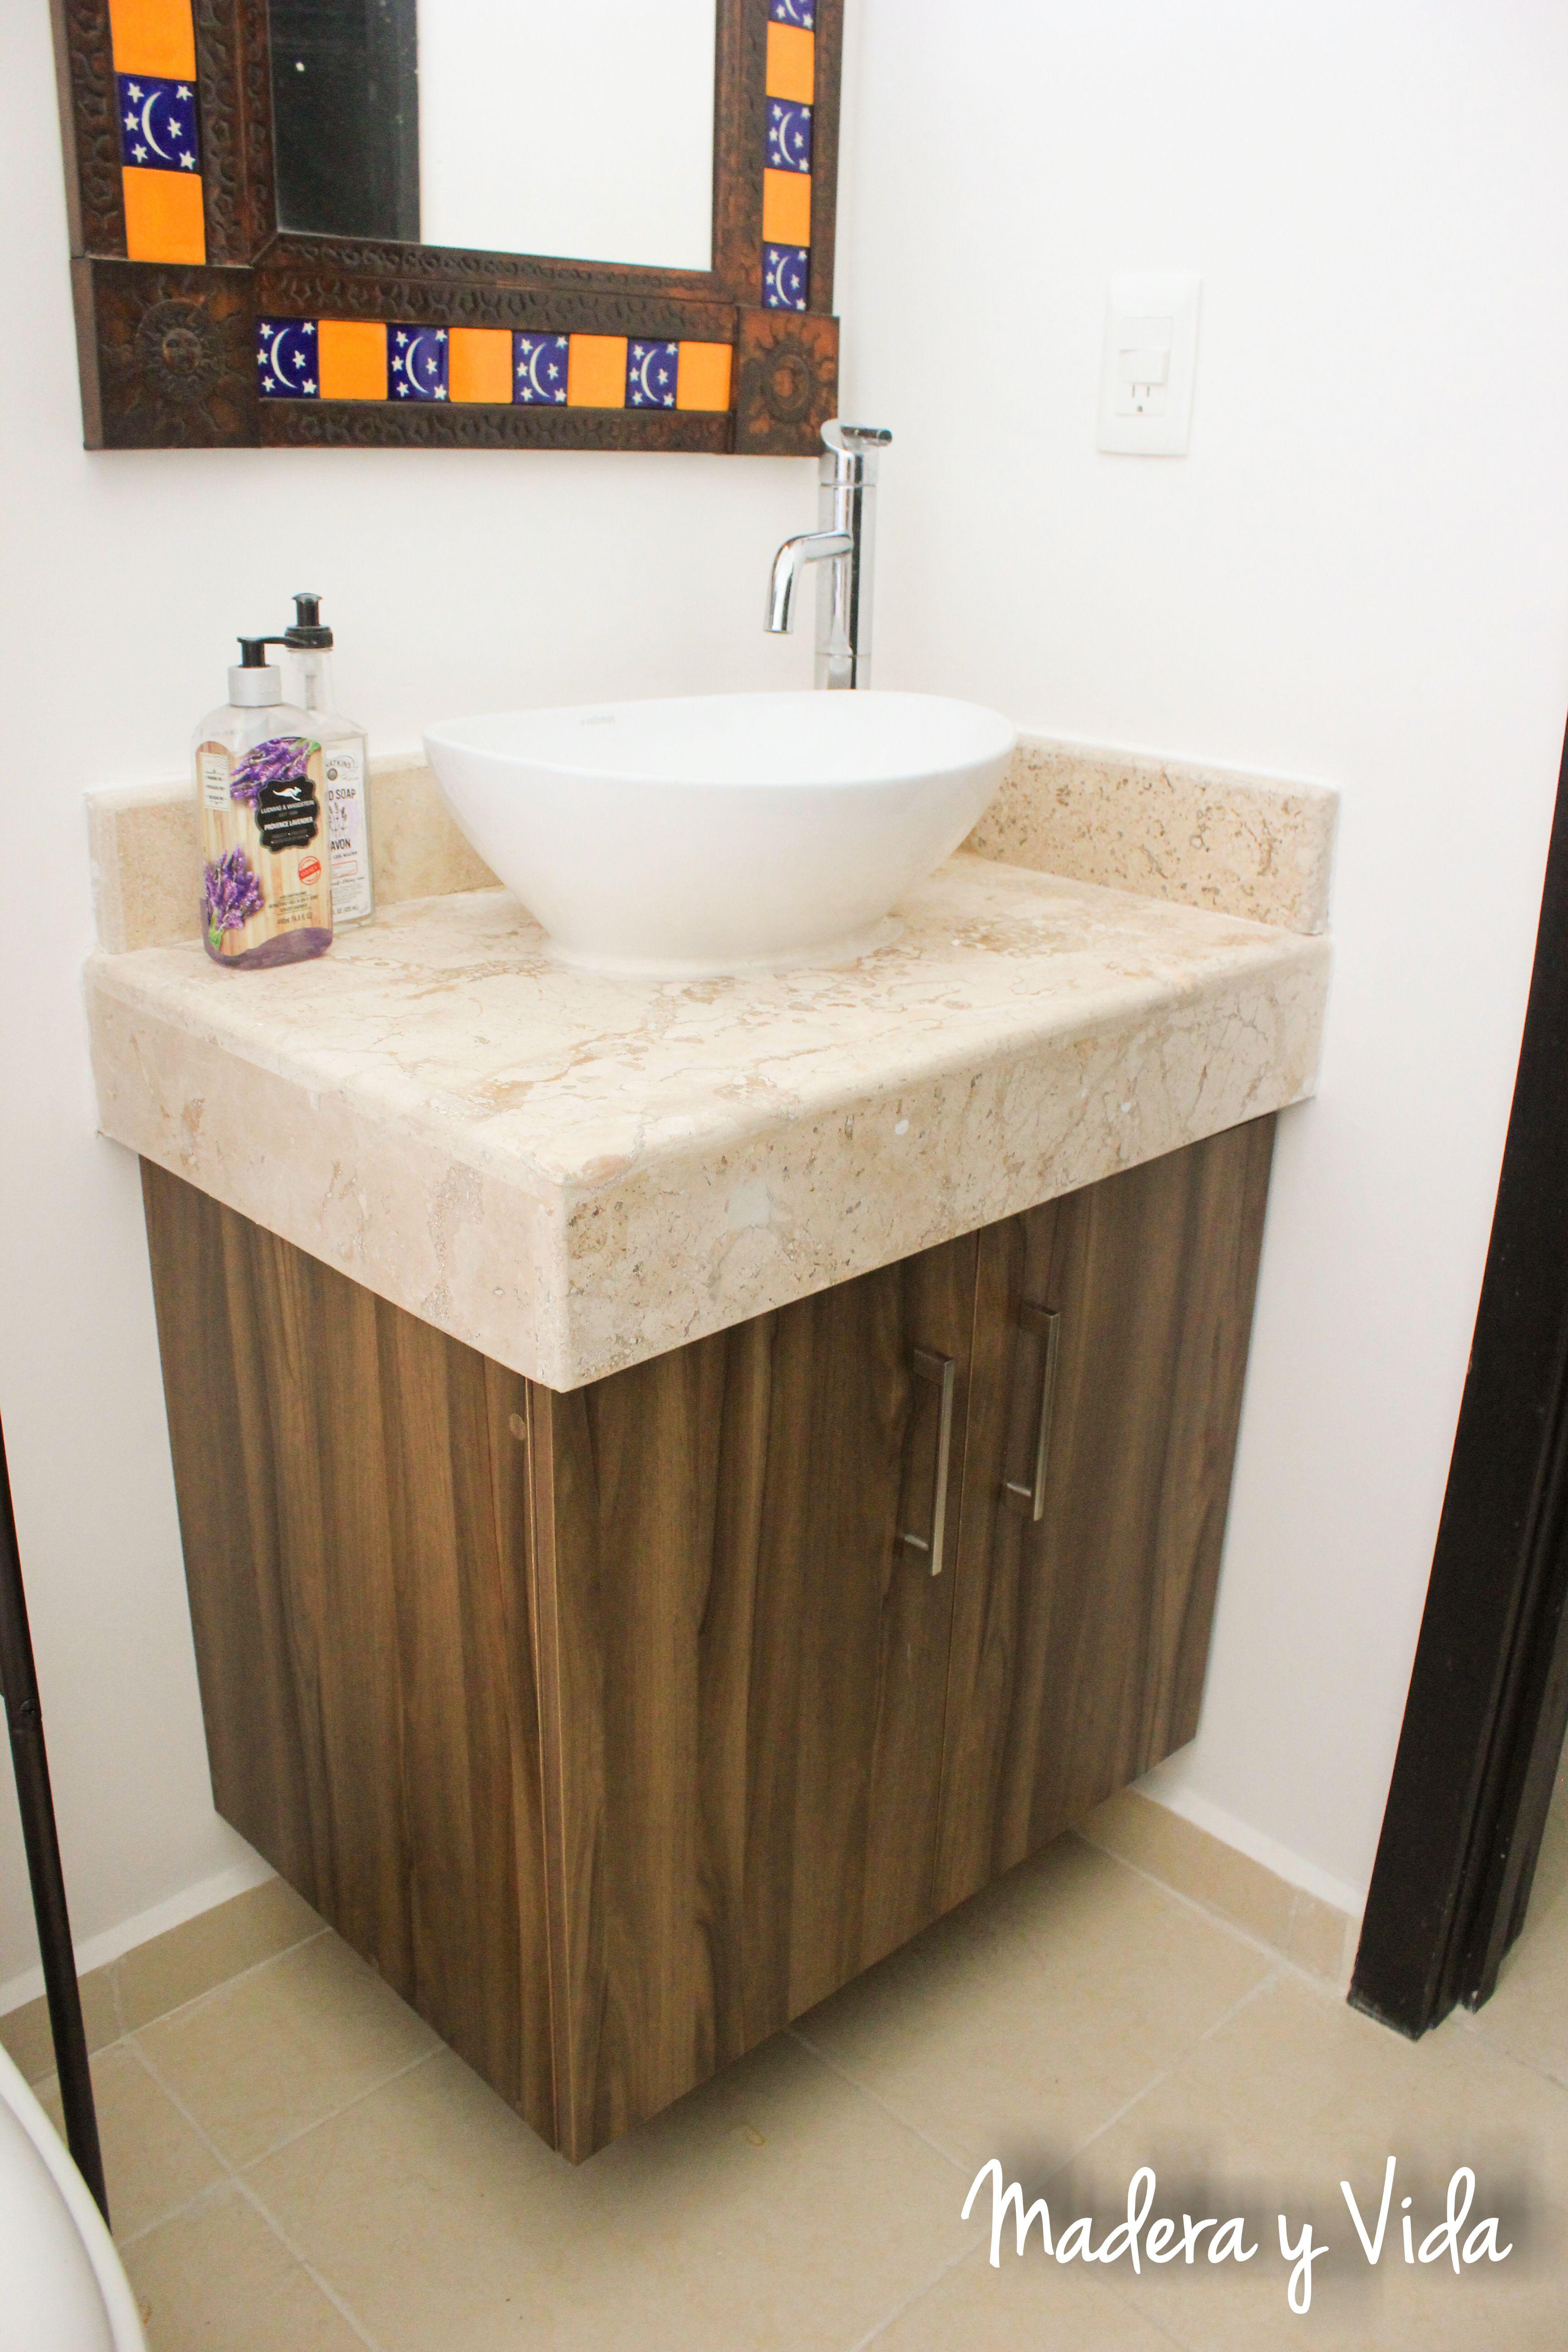 Small bathroom Madera y Vida es un estudio de diseño y construcción ...